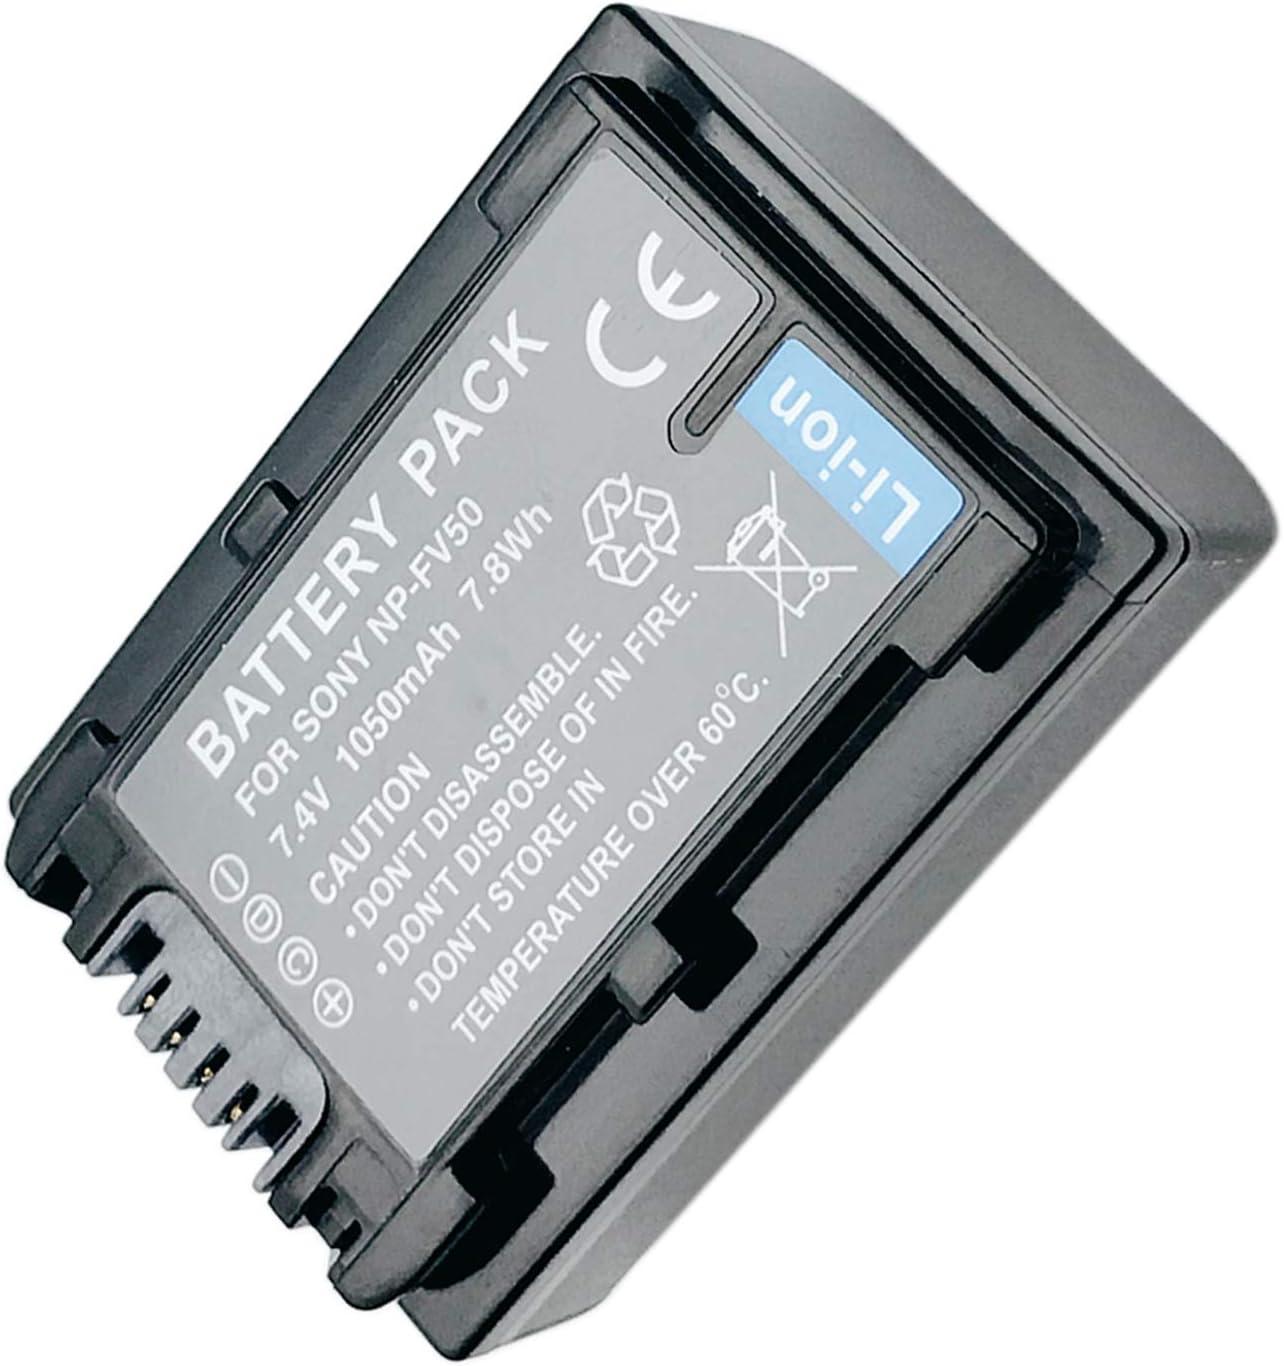 DCR-SX73E Handycam Camcorder DCR-SX73 DCR-SX63E DCR-SX65 Battery Pack for Sony DCR-SX63 DCR-SX65E